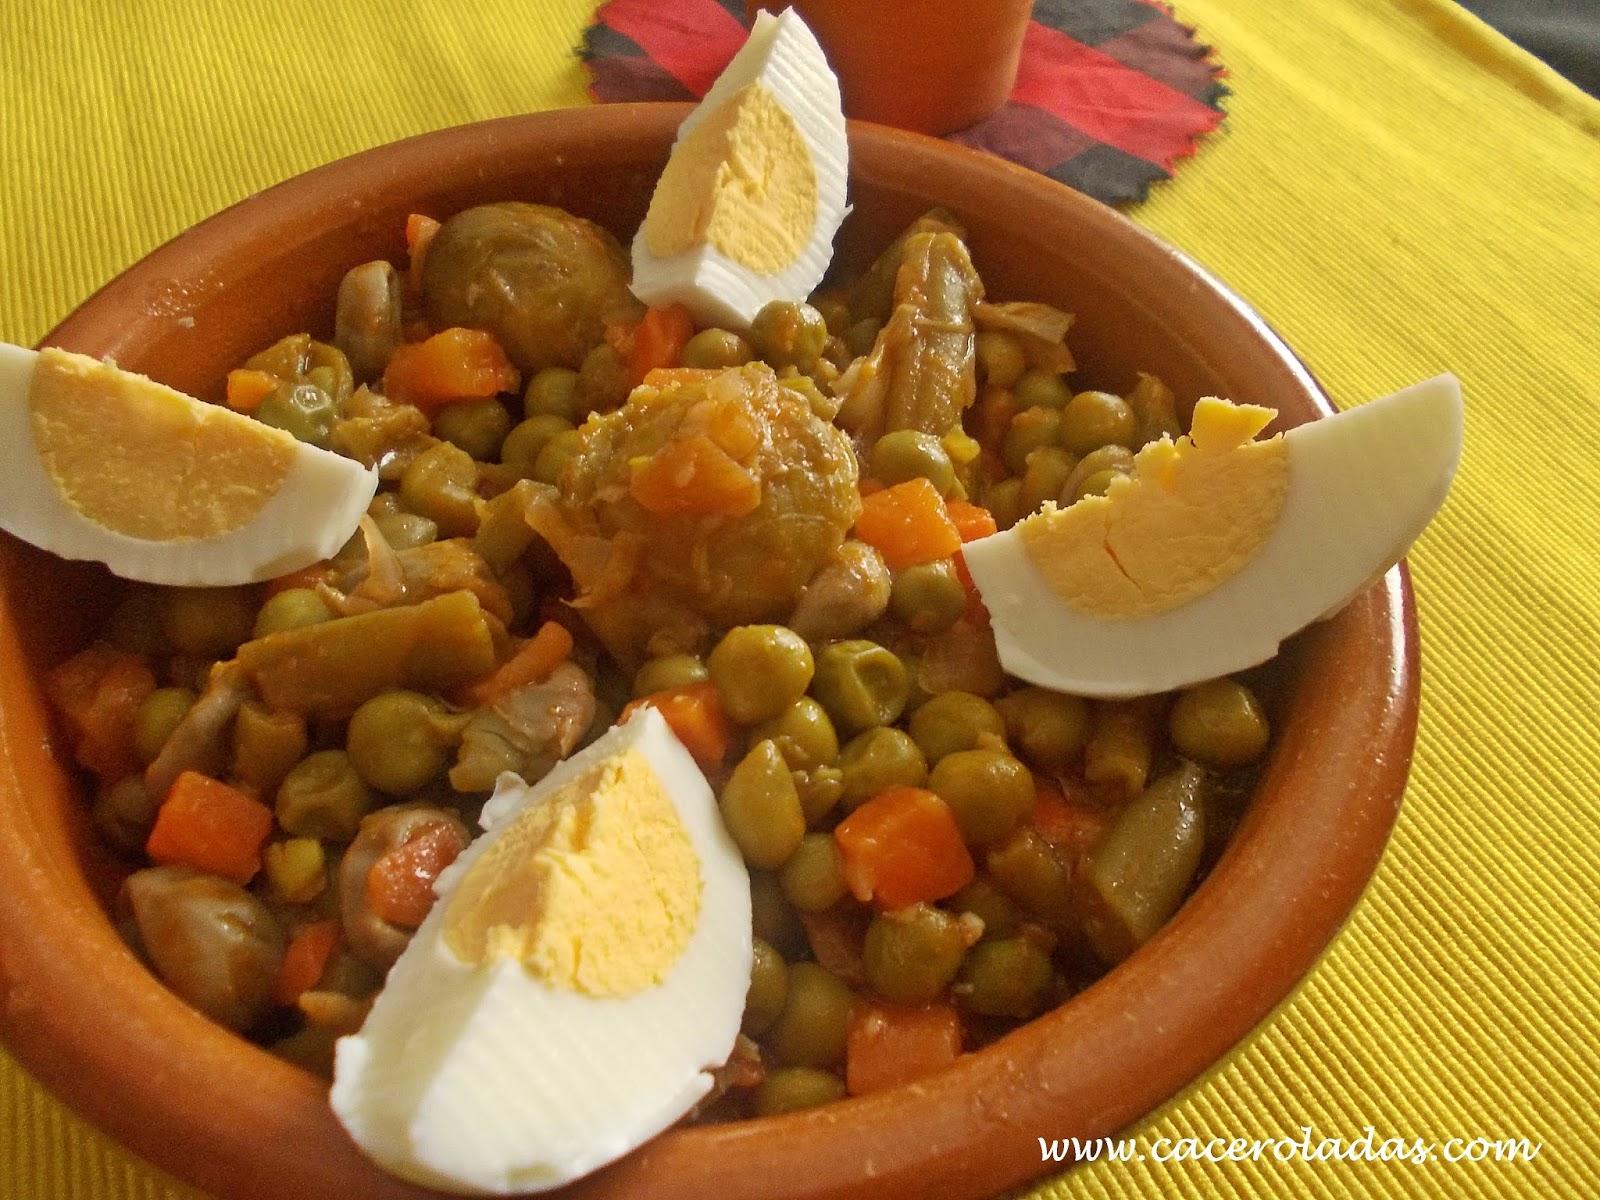 Menestra de verduras rehogadas caceroladas - Menestra de verduras en texturas ...